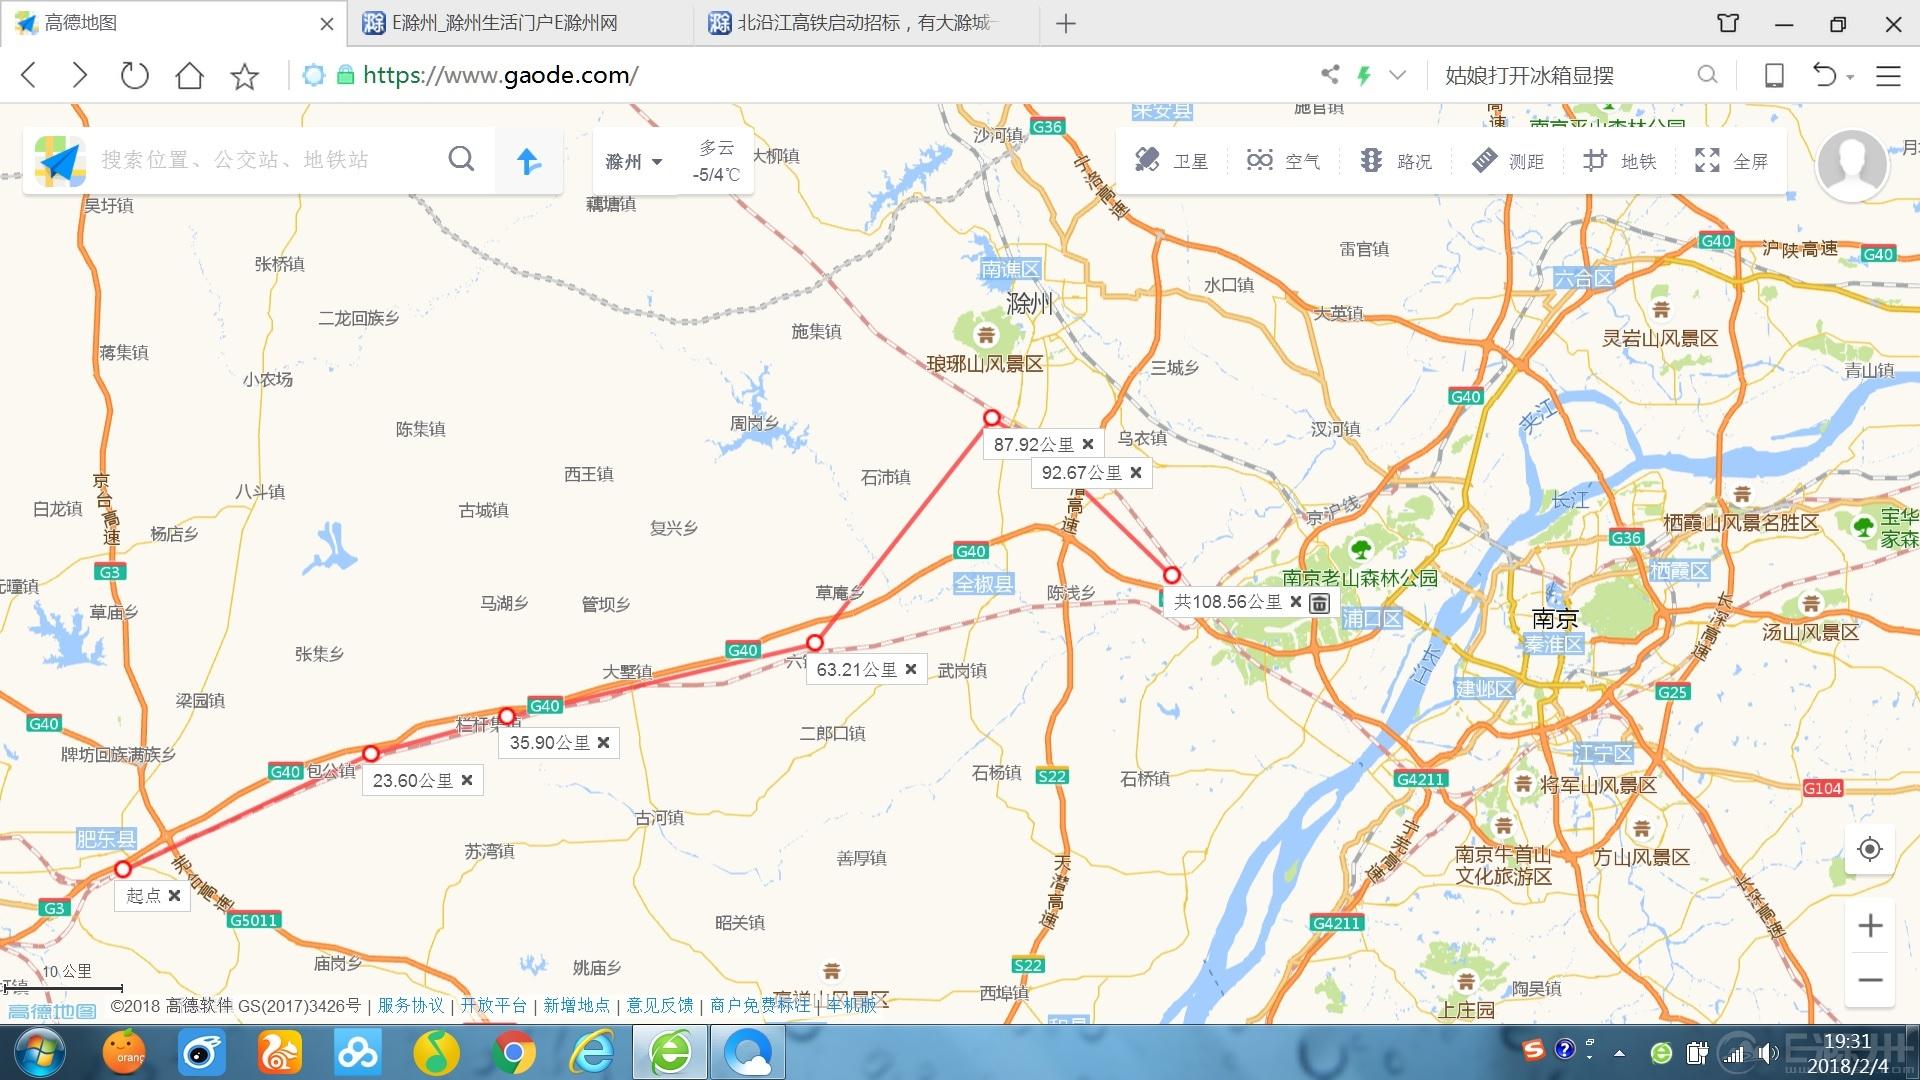 经过滁州站预测距离.jpg